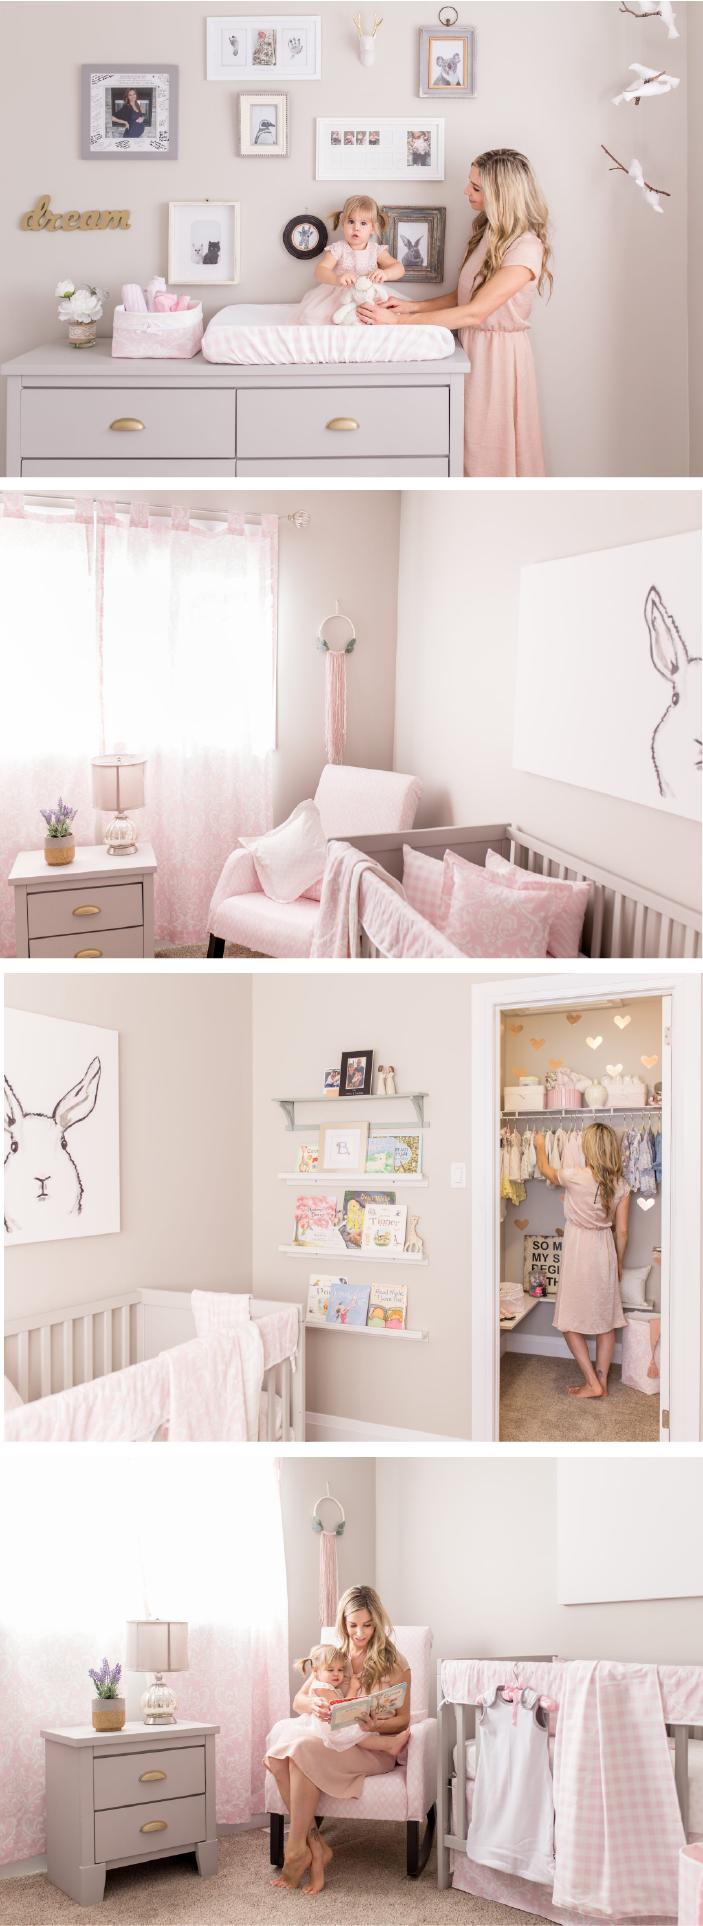 Brielle's Nursery Reveal